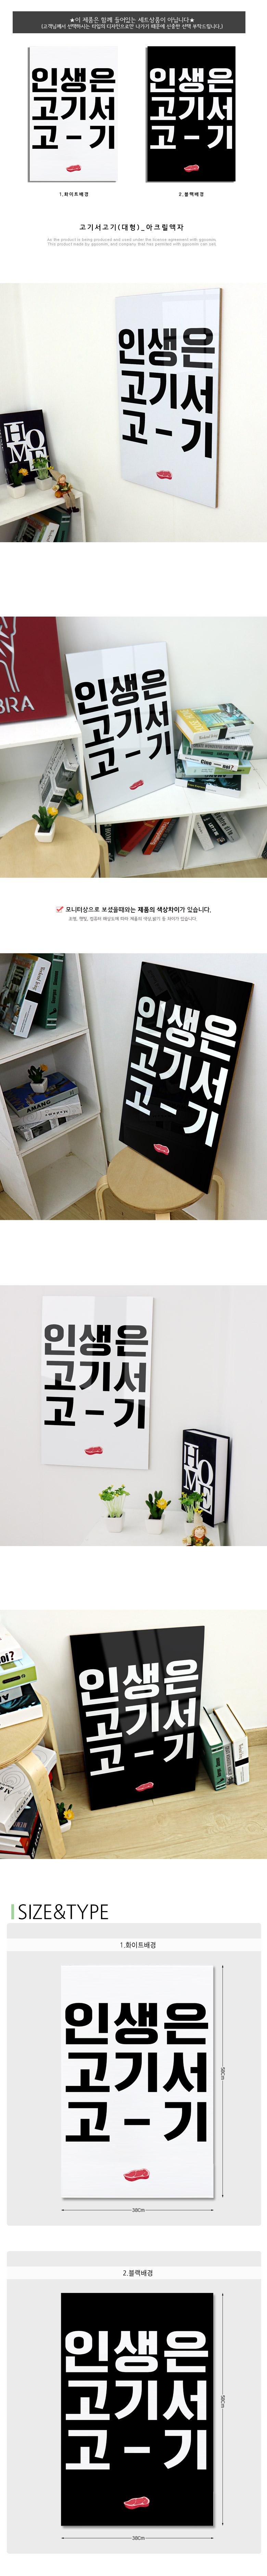 아크릴액자_고기서고기대형 - 꾸밈, 33,600원, 홈갤러리, 사진아트